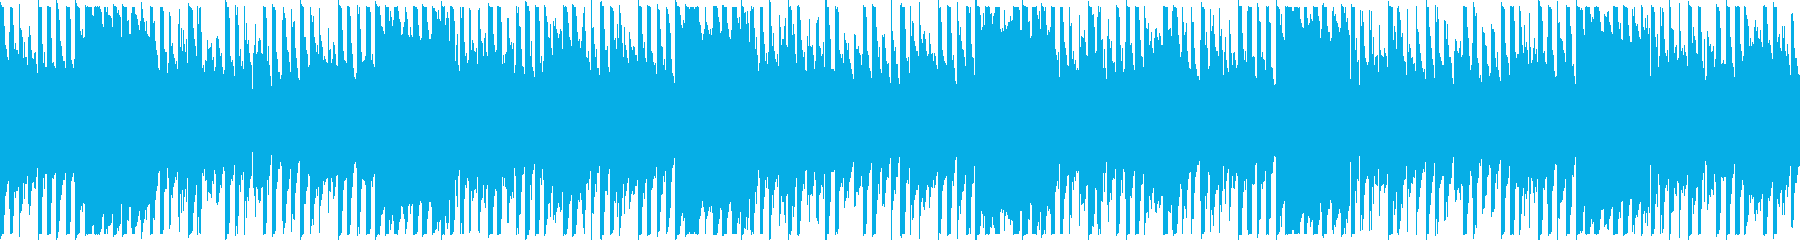 解説・科学・教材・教育コンテンツ_08の再生済みの波形